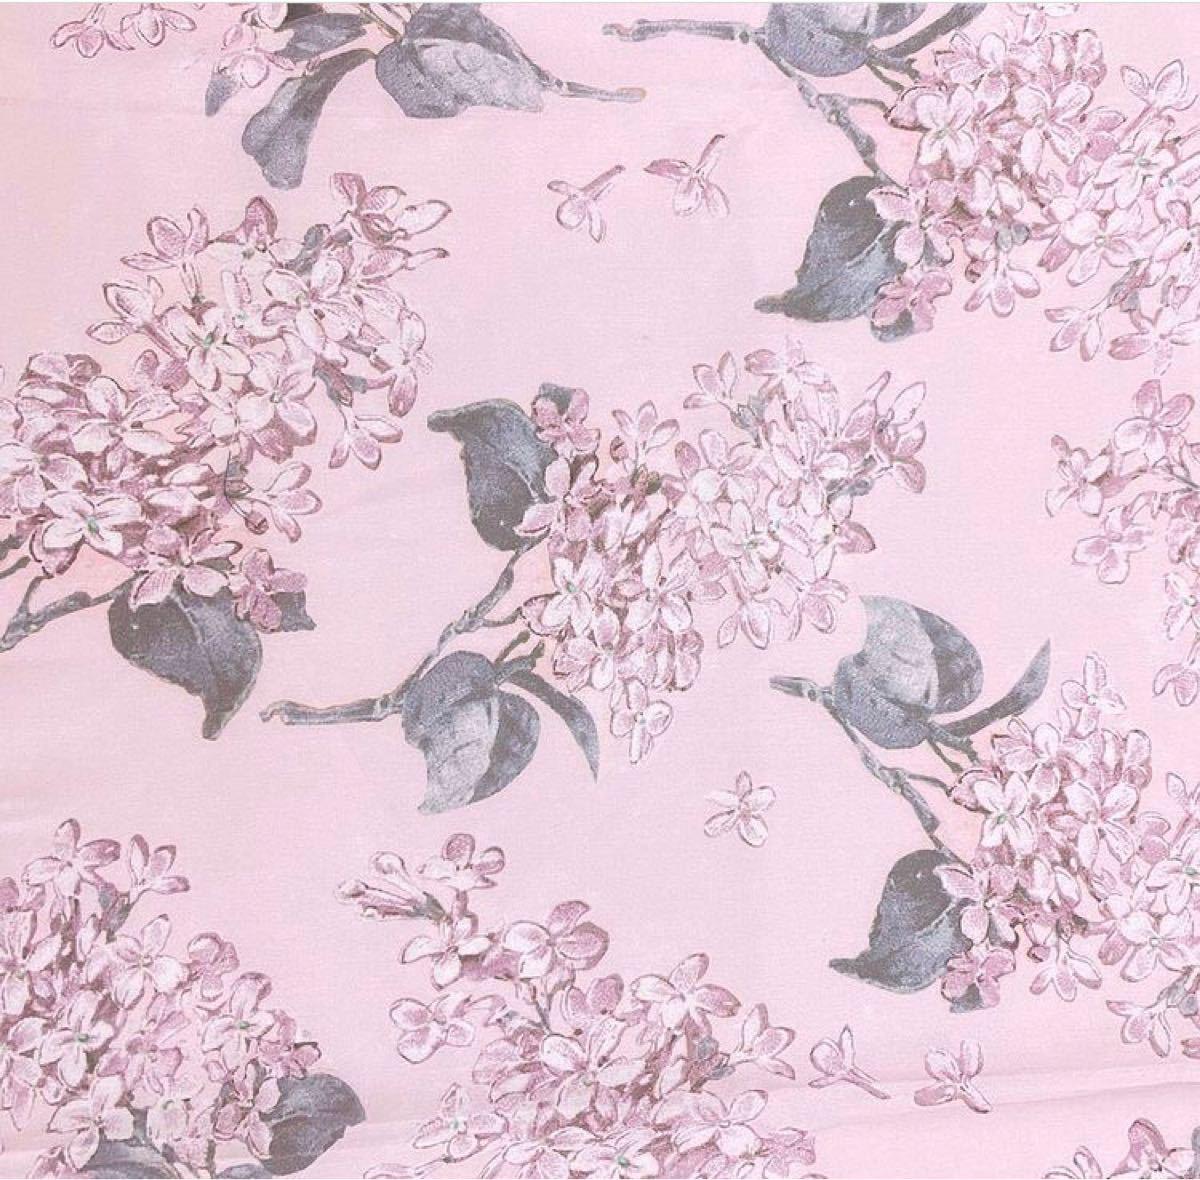 リバティ 別注 アーカイブライラック ピンク 生地幅×200cm 国産タナローン はぎれ ハンドメイド カットクロス